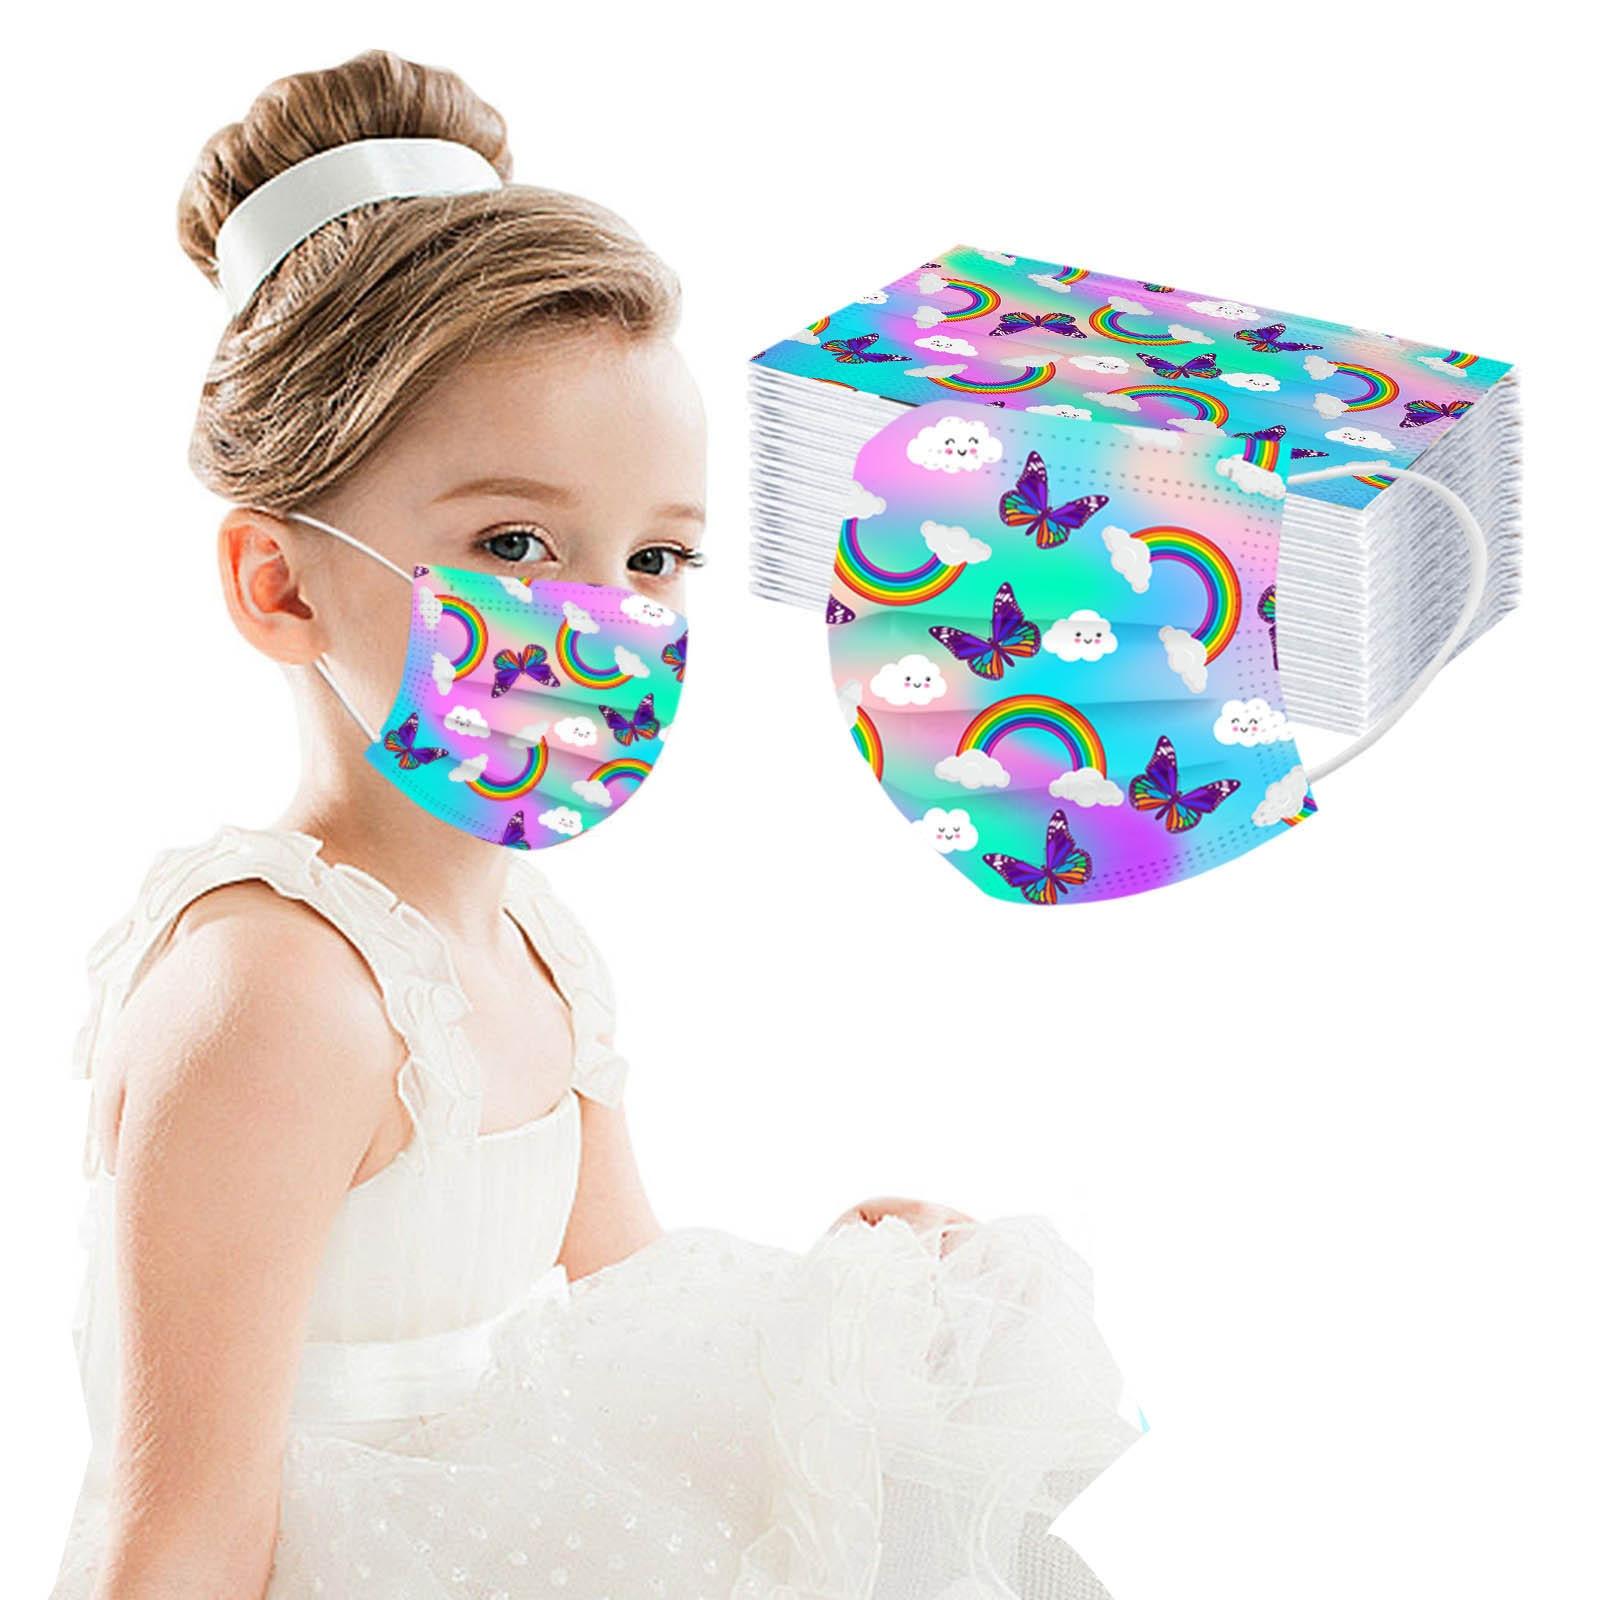 Маска одноразовая детская с радужной бабочкой, модная маска для защиты лица, 3 слоя, с заушными петлями, маски от пыли, 50 шт.